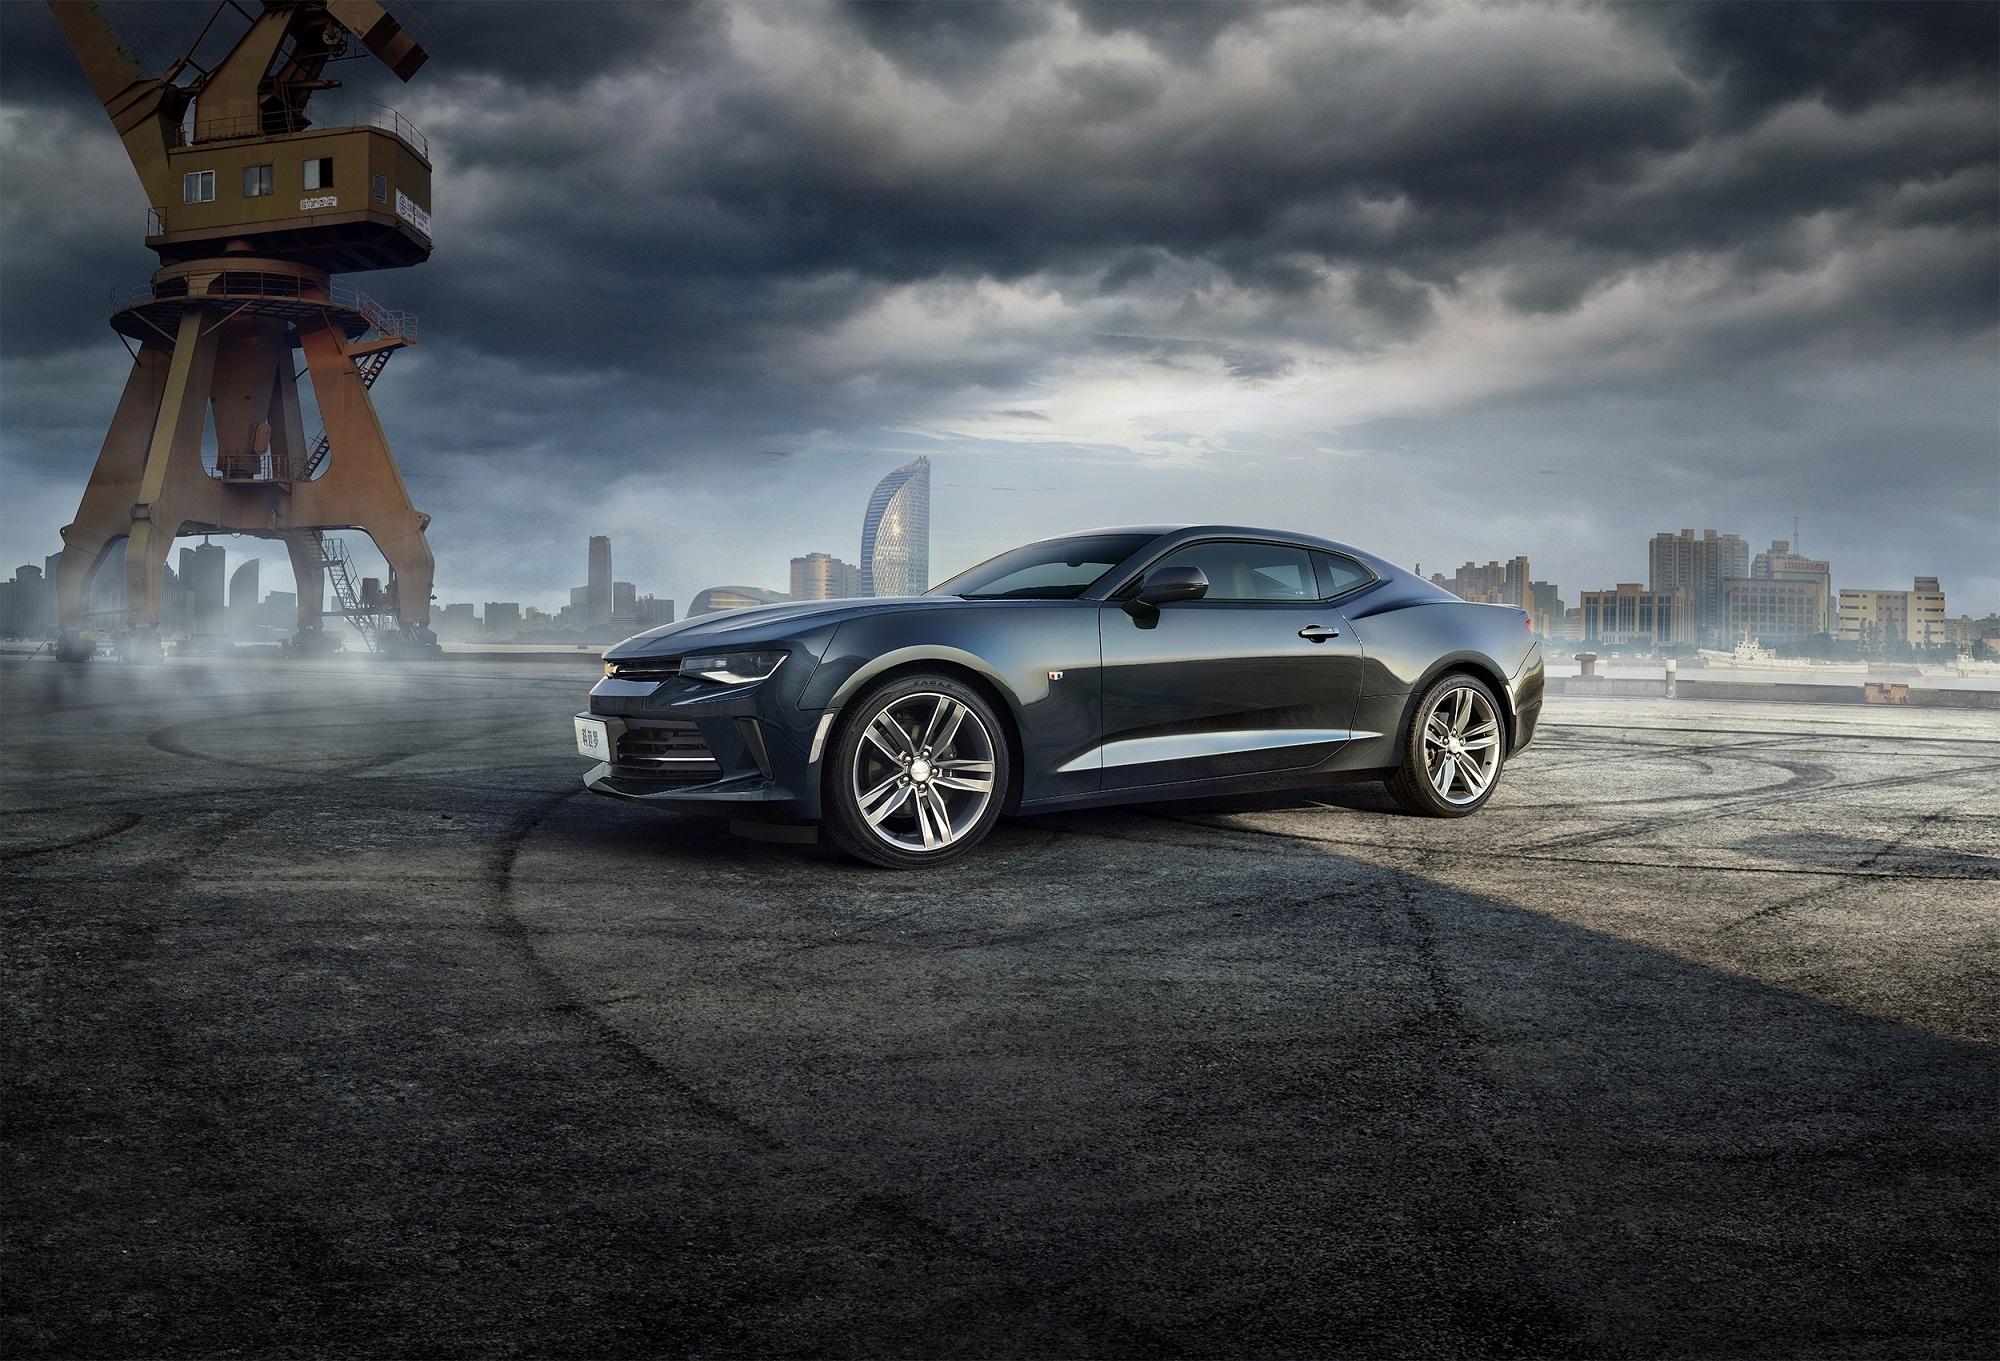 Image: Car, clouds, crane, city, Chevrolet, Camaro, tire tracks